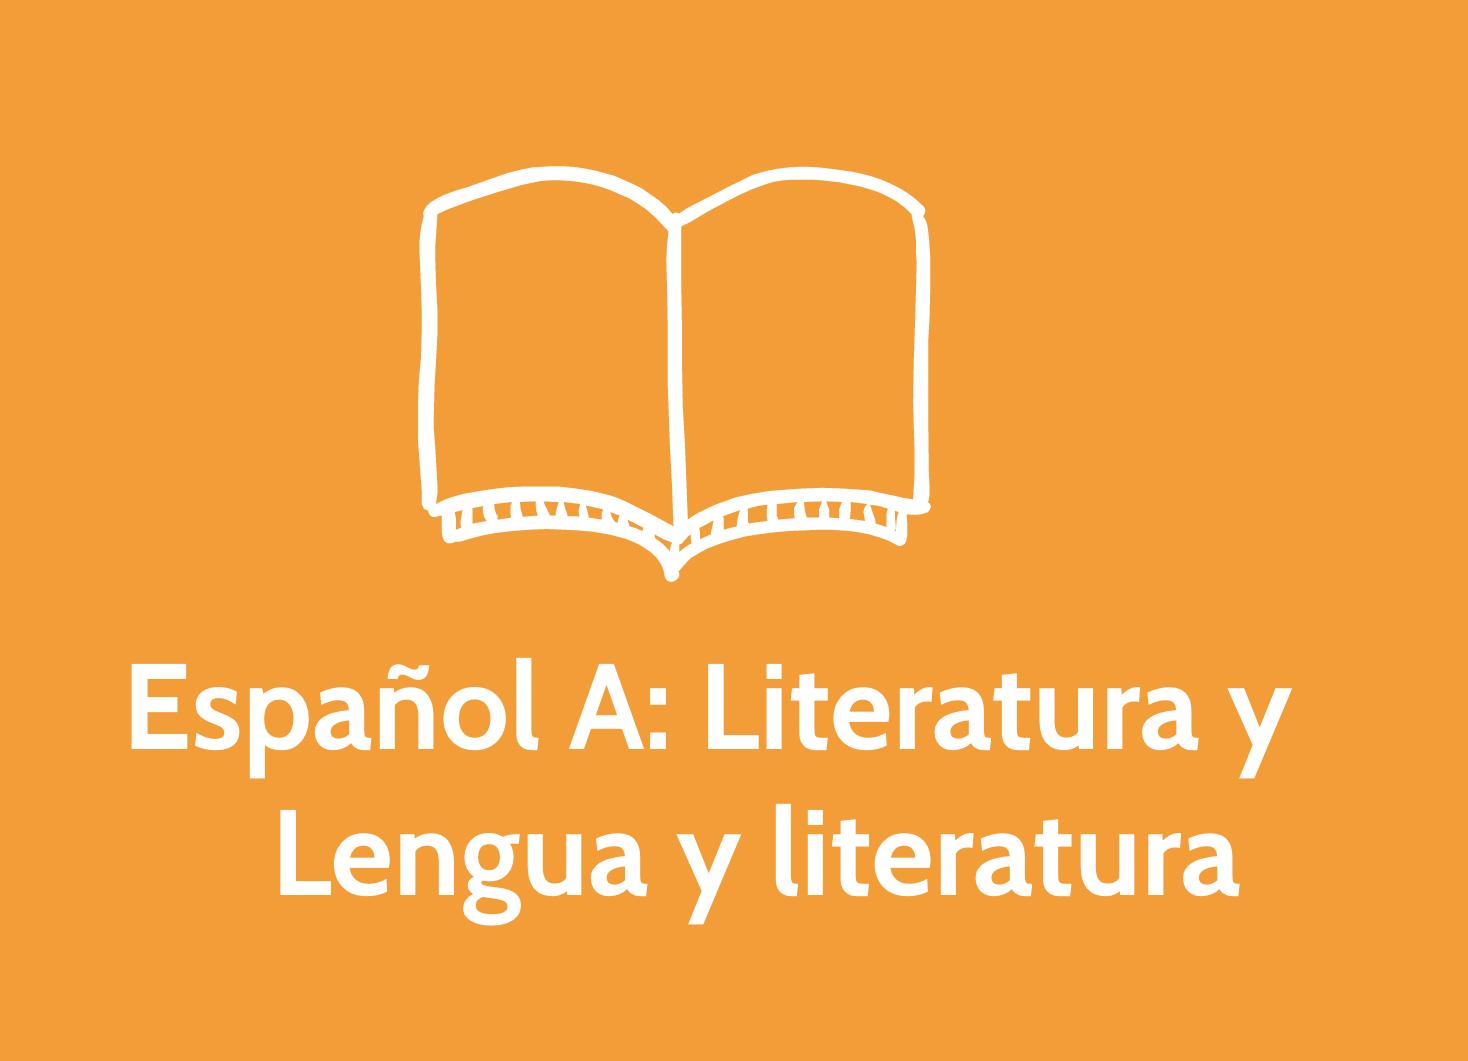 Español A: Literatura  y Lengua y Literatura